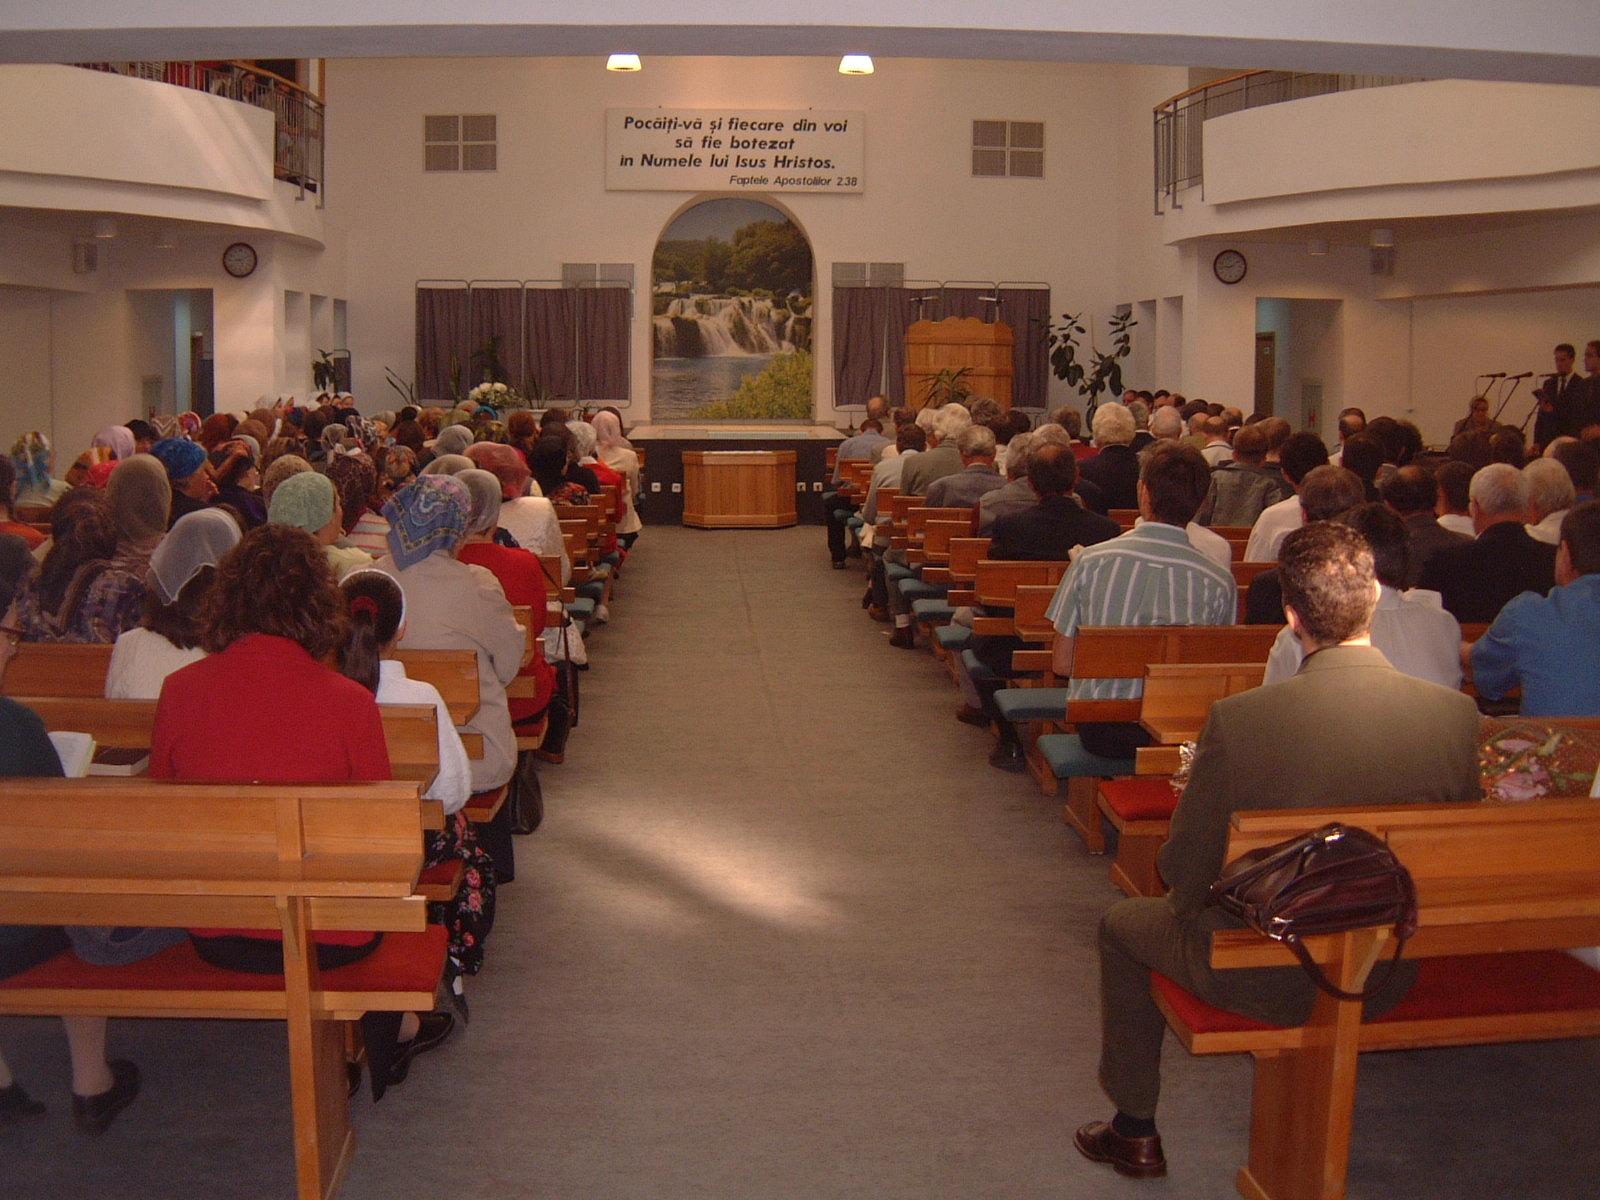 FRATII SI SURORILE ASTEAPTA INCEPEREA SERVICIULUI DE BOTEZ - 22 AUGUST 2003